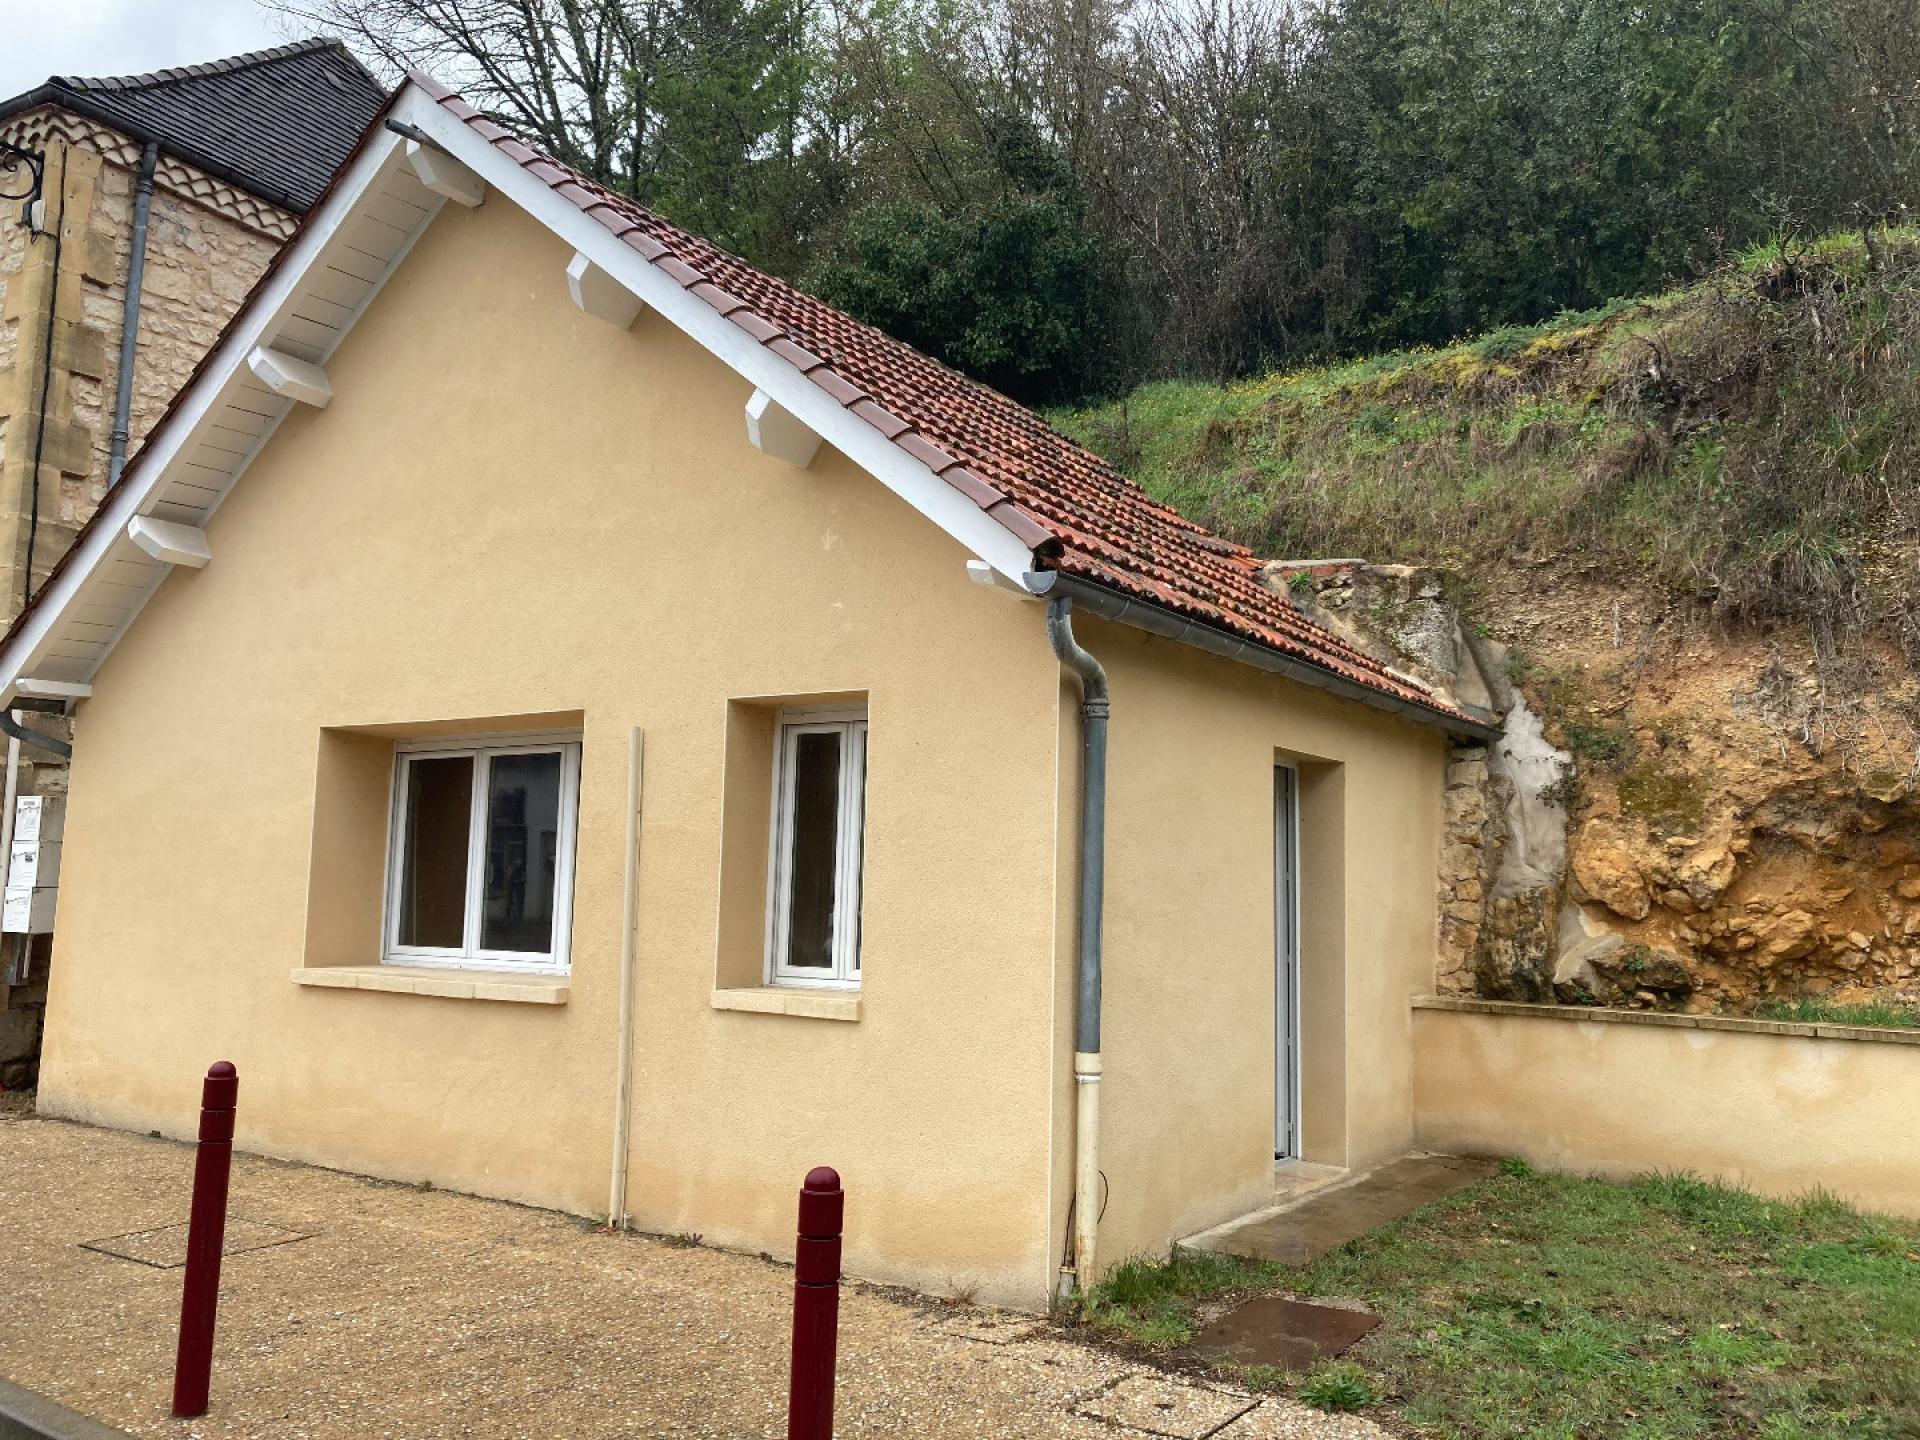 Maison avec jardinet